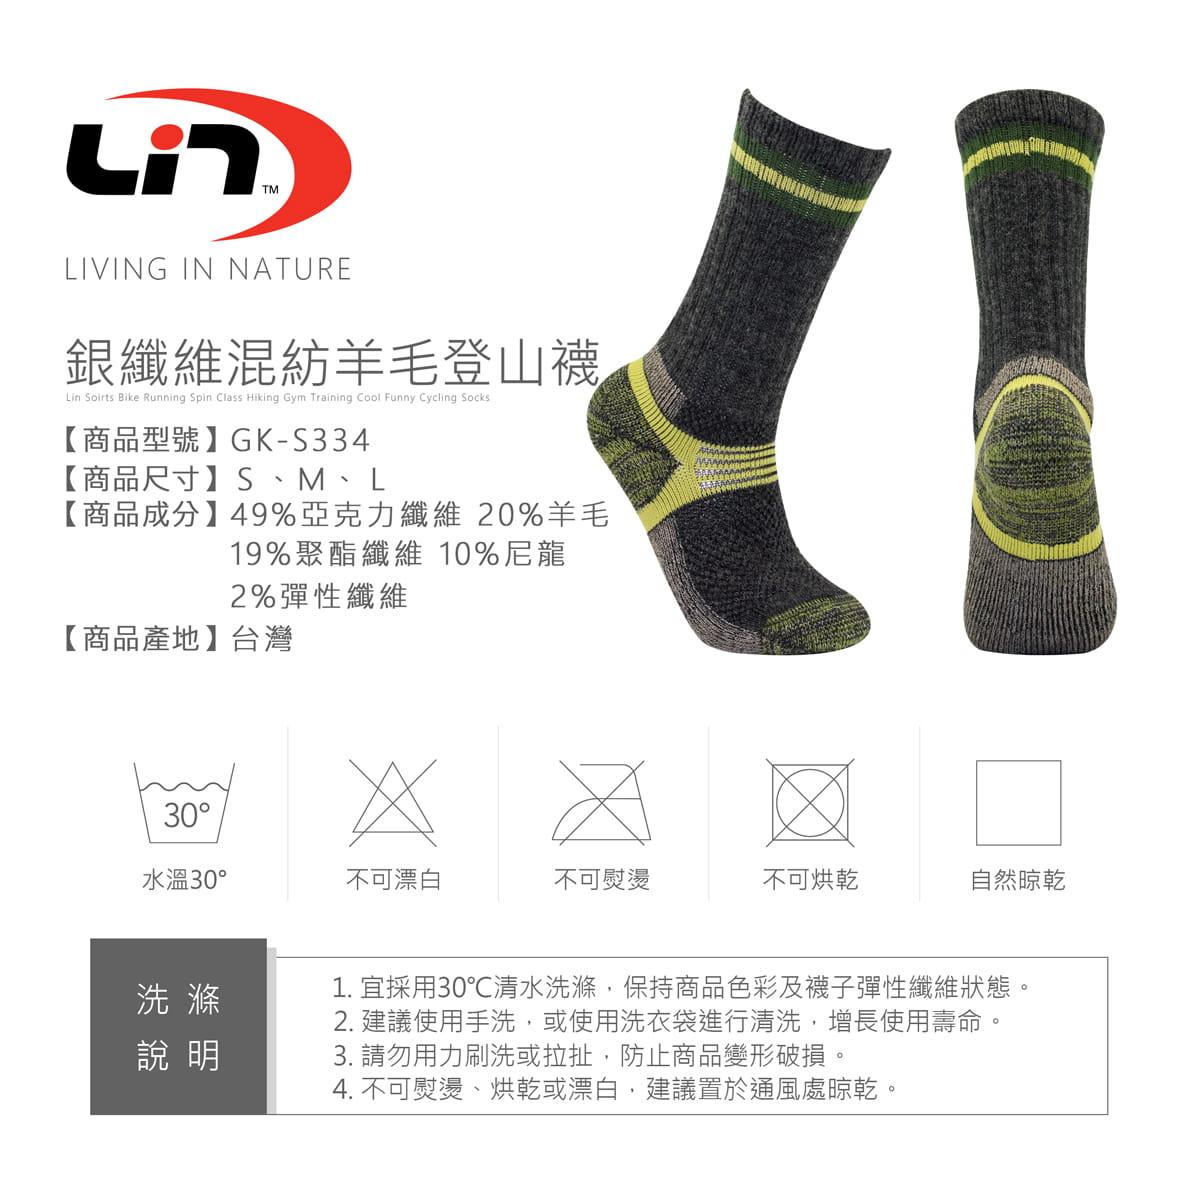 【Lin】戶外登山襪三雙組 5